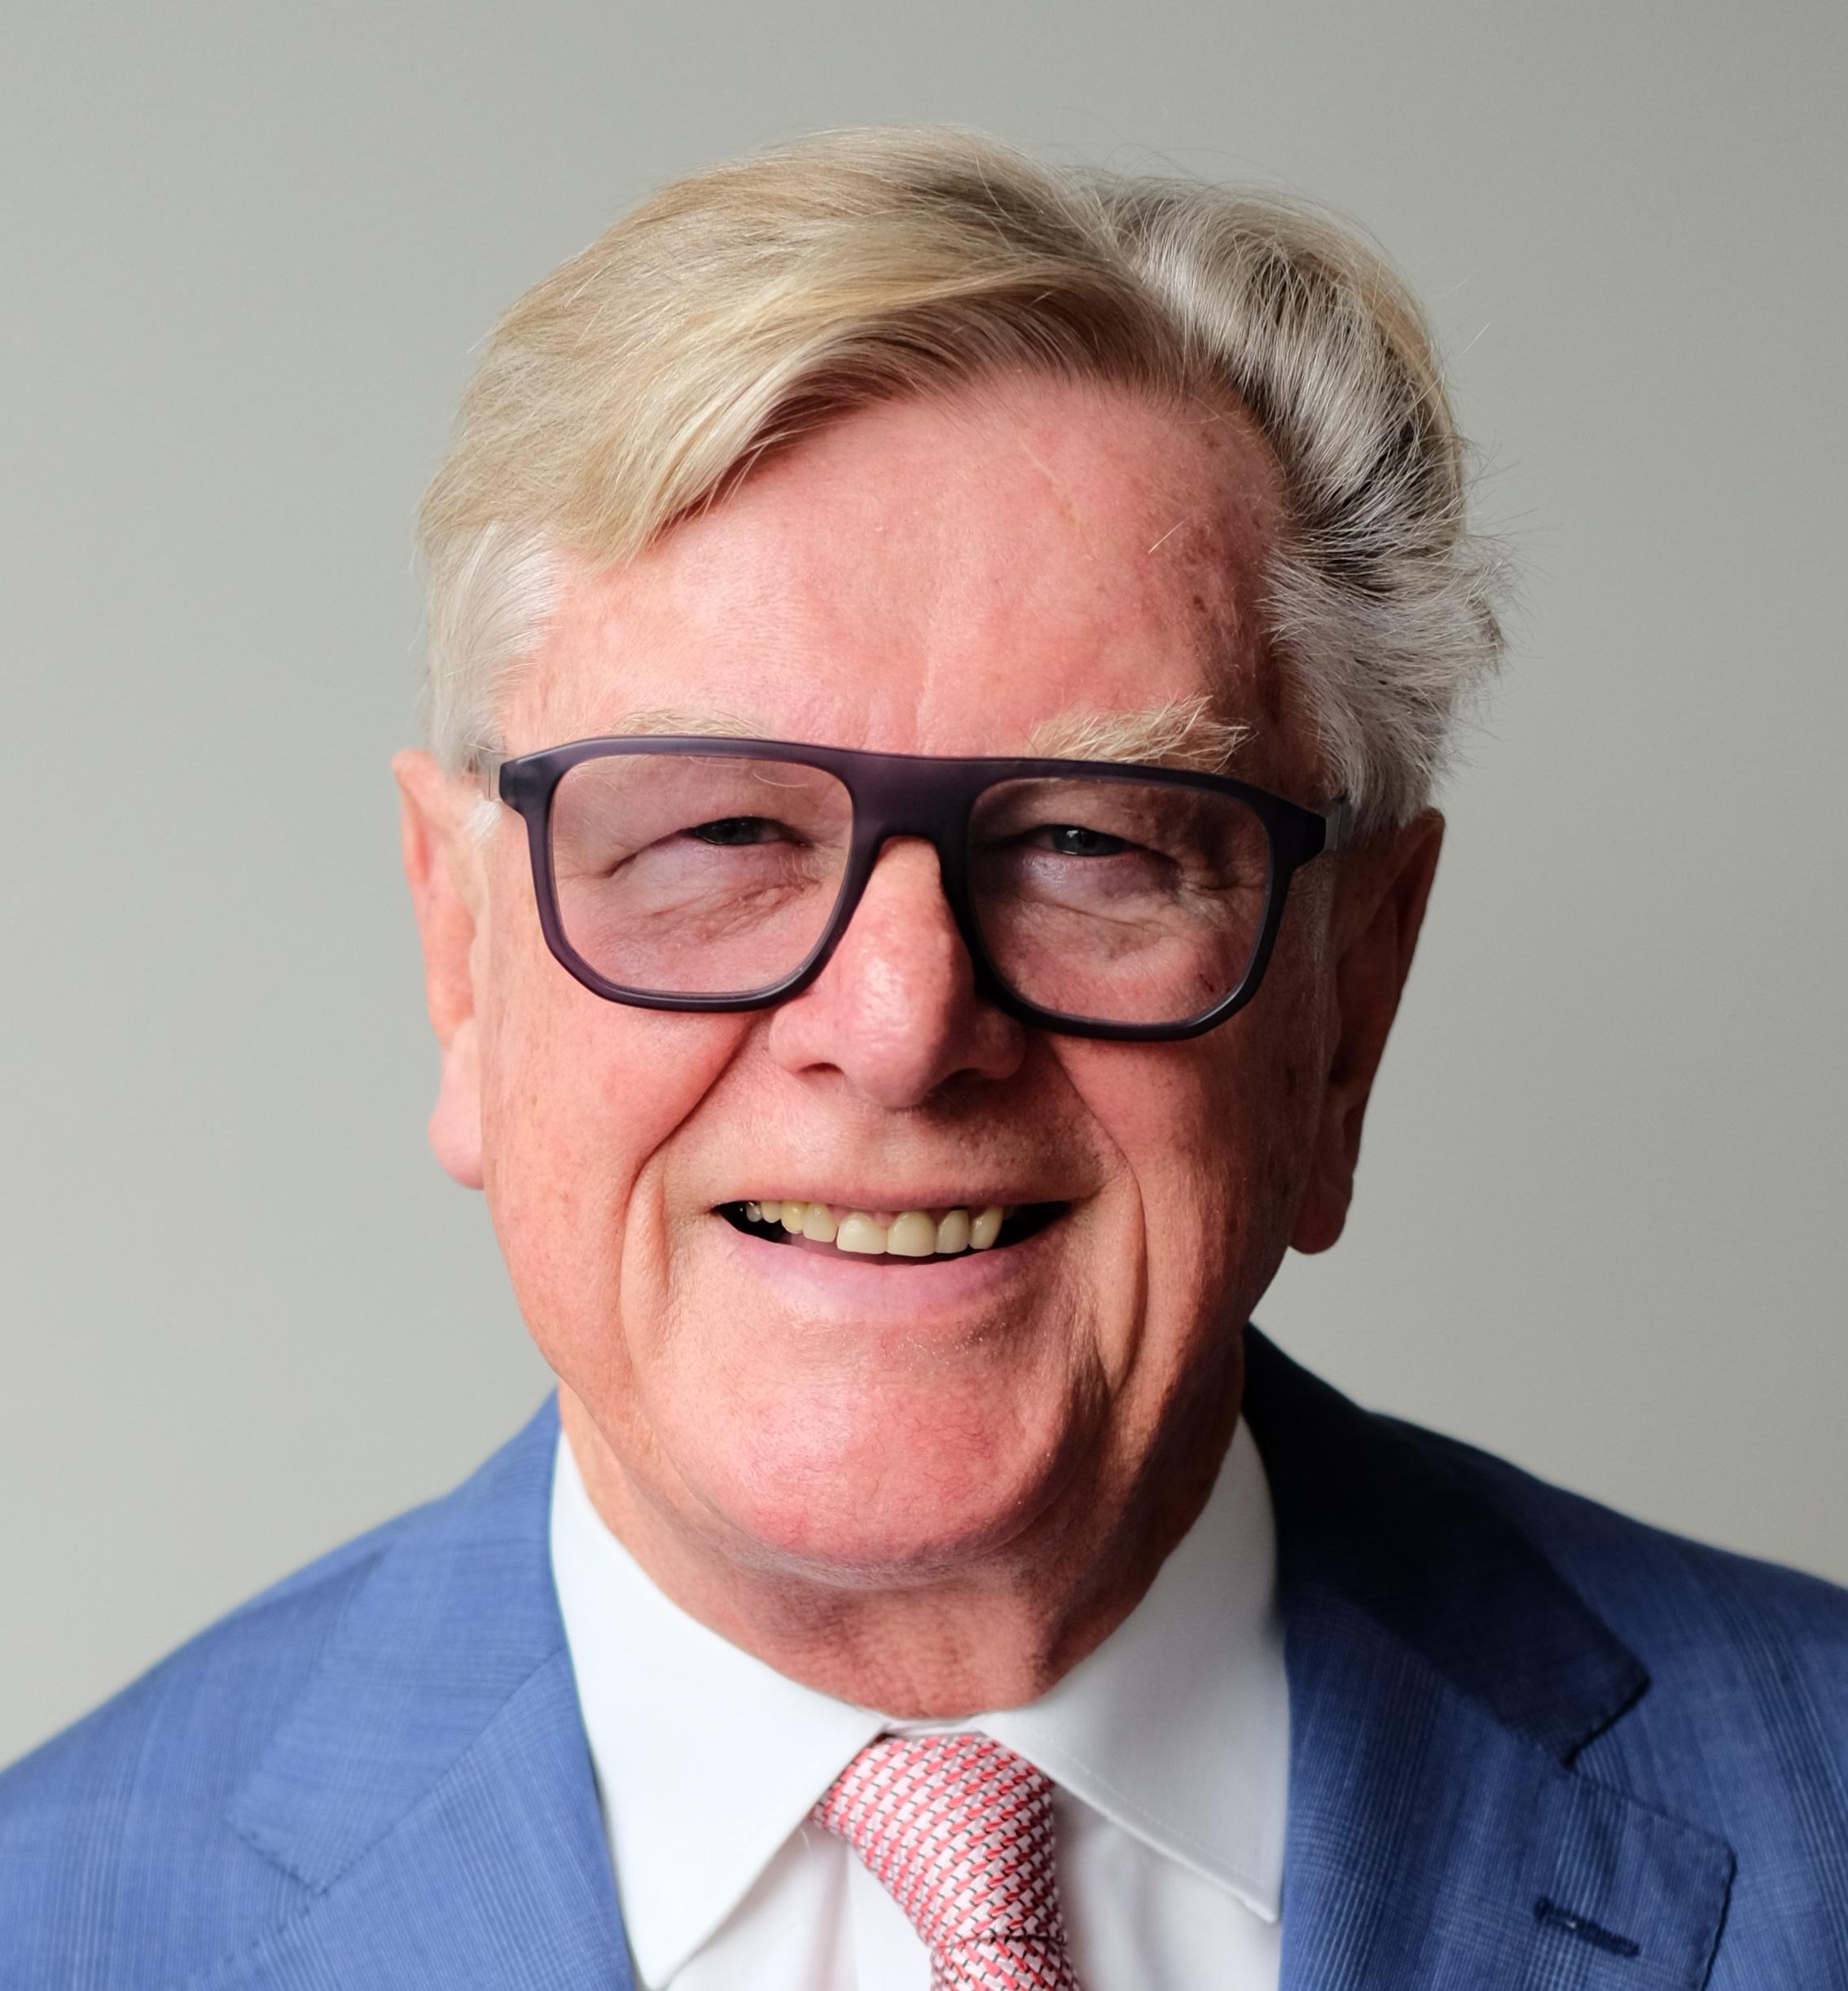 Image of David Wyndham